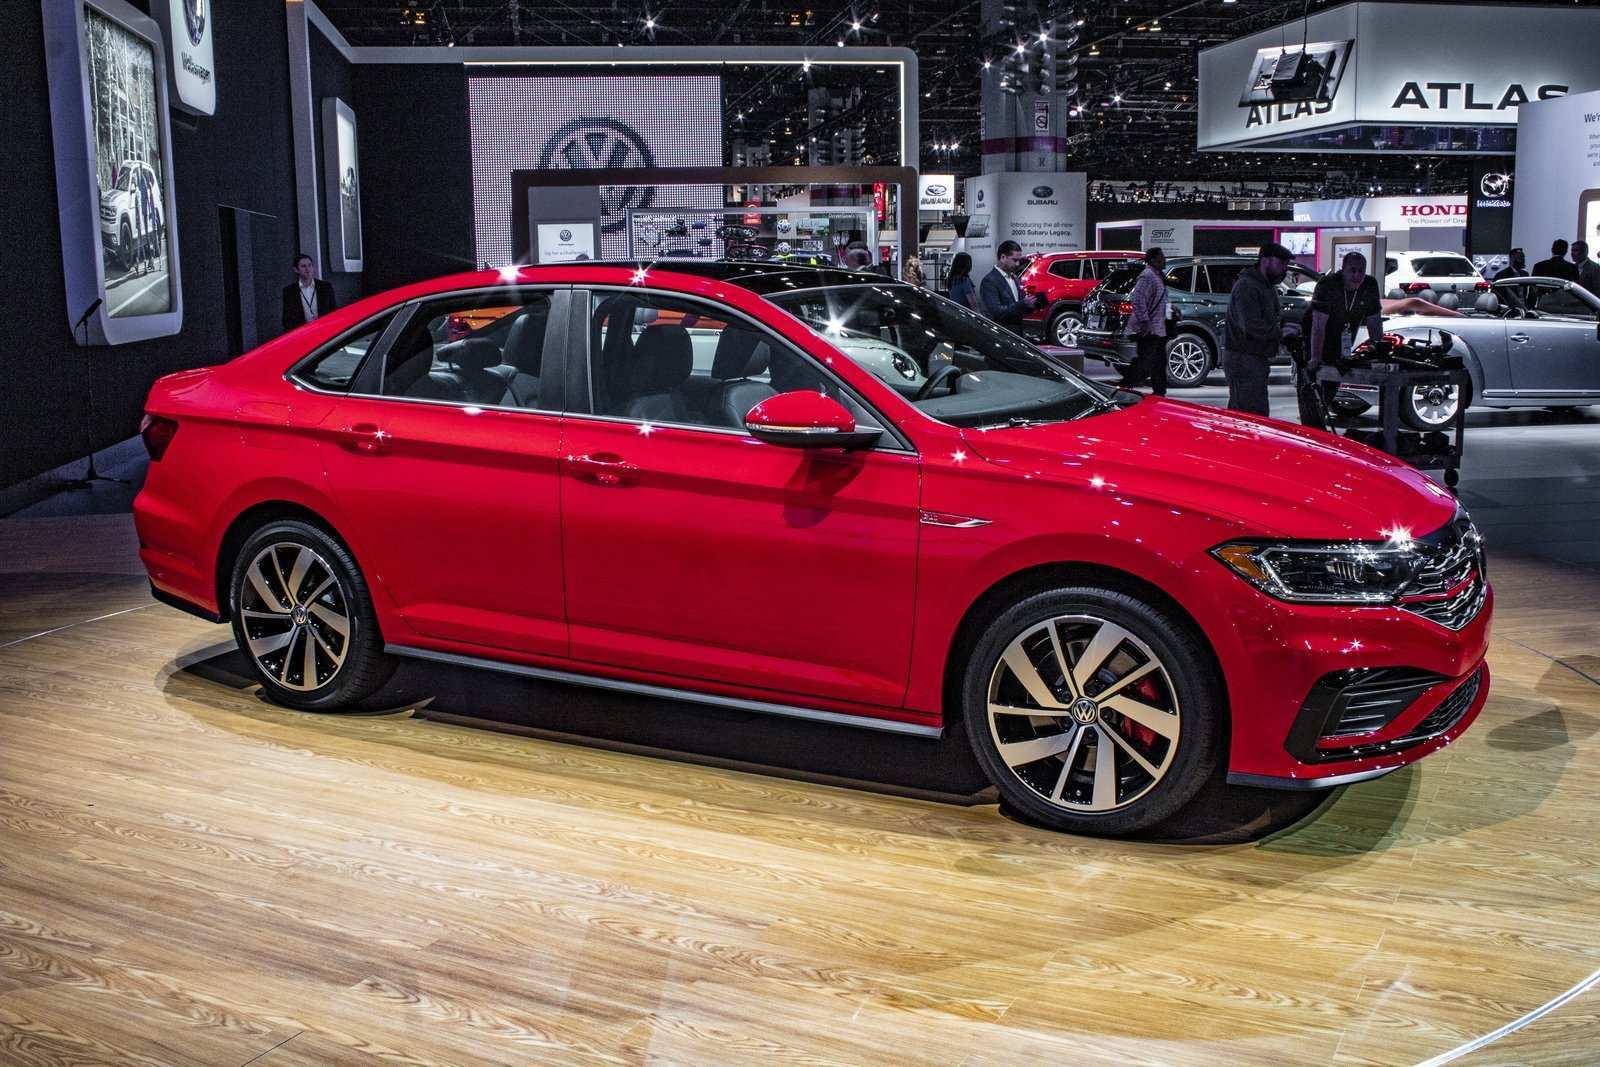 25 Best Review Volkswagen Gli 2020 Rumors with Volkswagen Gli 2020